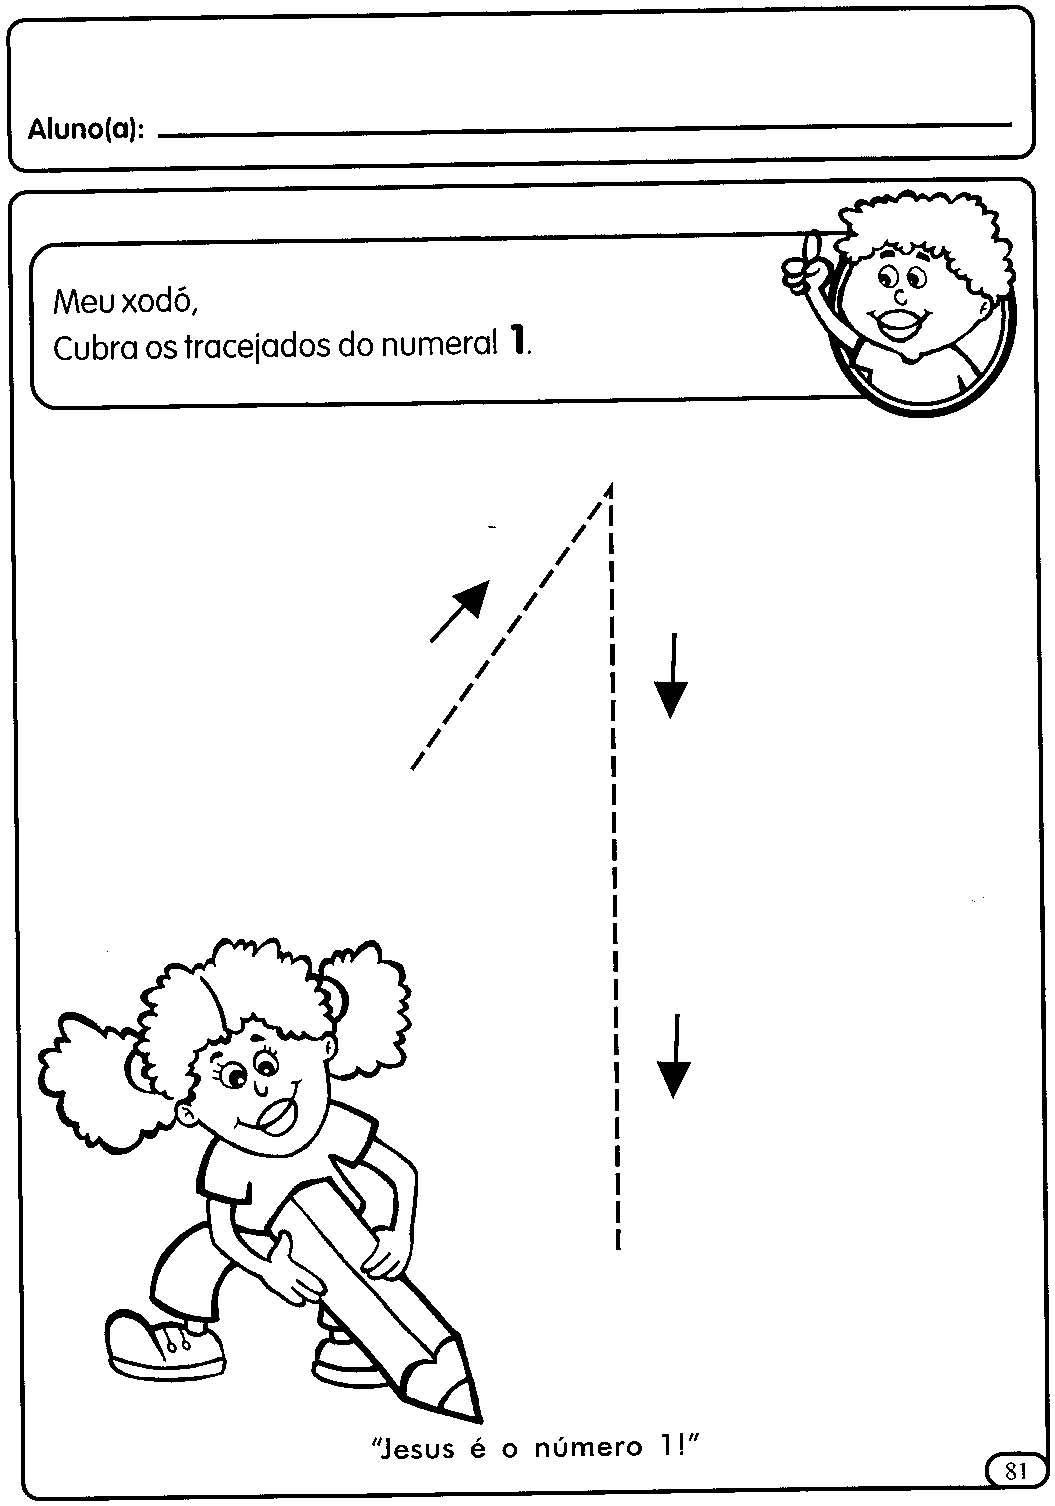 Amado Atividades com numerais de 1 a 5 para a Educação Infantil  KW27